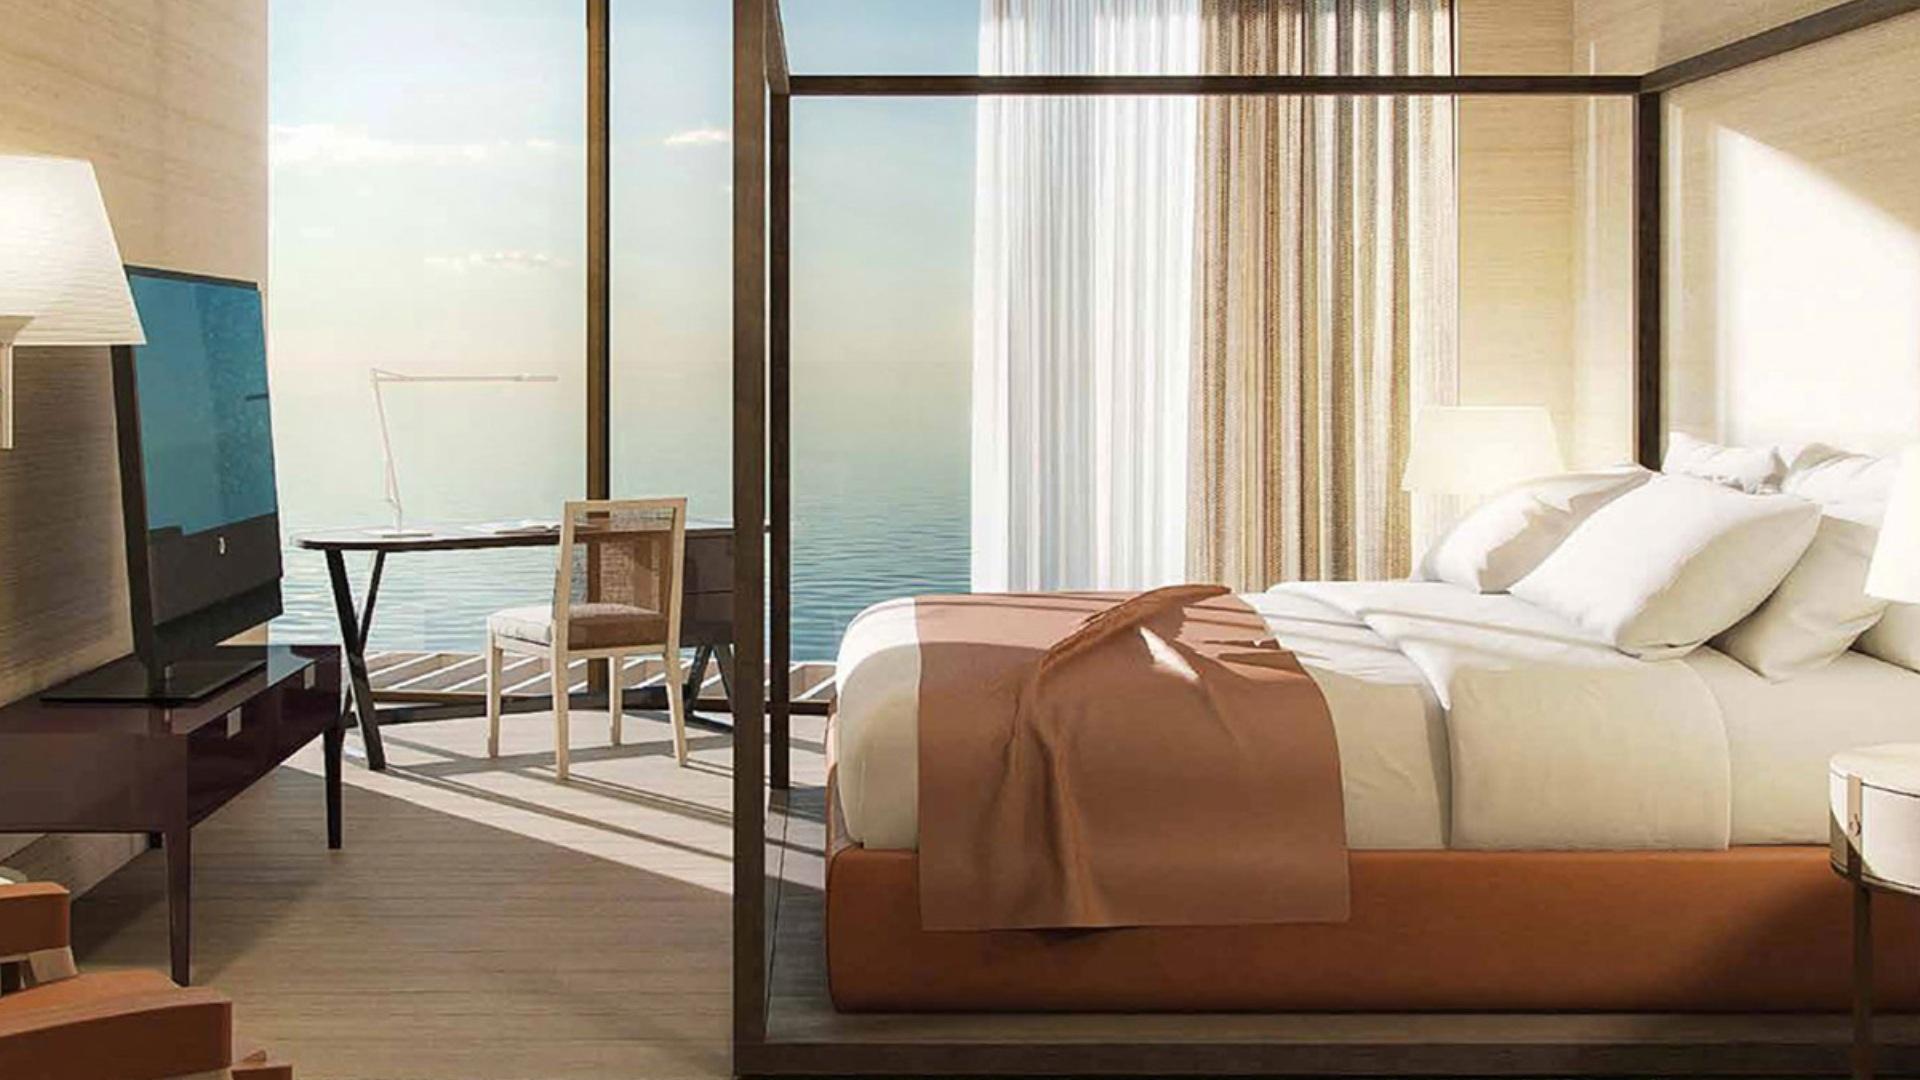 Villa en venta en Dubai, EAU, 5 dormitorios, 644 m2, № 24379 – foto 1